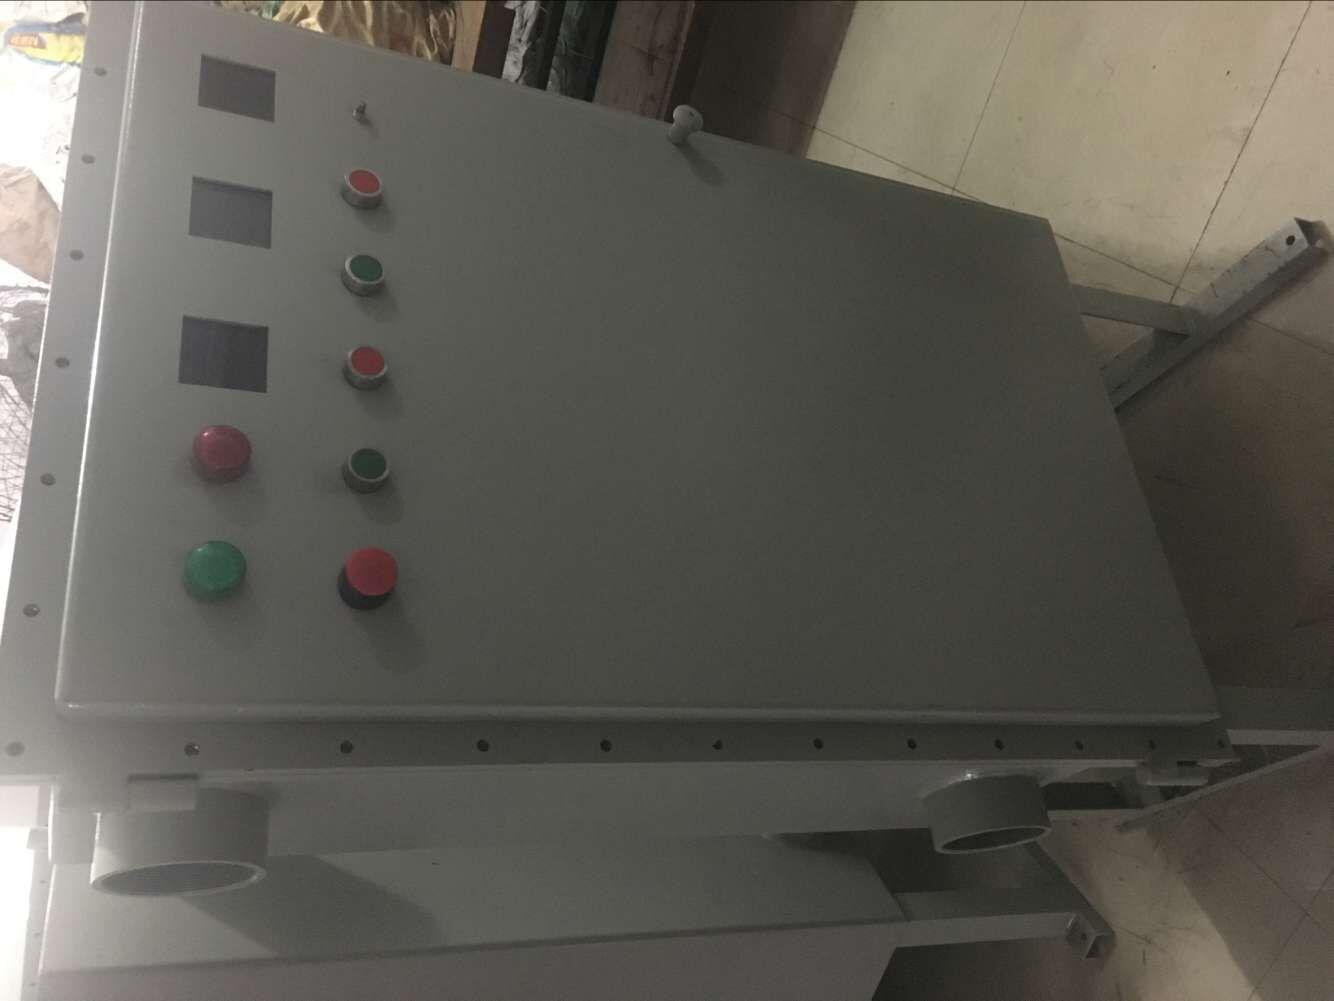 可根据用户要求安装各种普通的检测仪表、分析仪表、显示仪表、变压器、软启动器、变频器、PLC触摸屏、各种按钮、开关、微电脑触摸屏以及普通电器元件,对用户需装电器元件完全不受限制;一拖二电机变频启动防爆控制柜采用多样化设计,可选择柜式(上下形式,左右形式)、壁挂式、琴台式、平面式等;